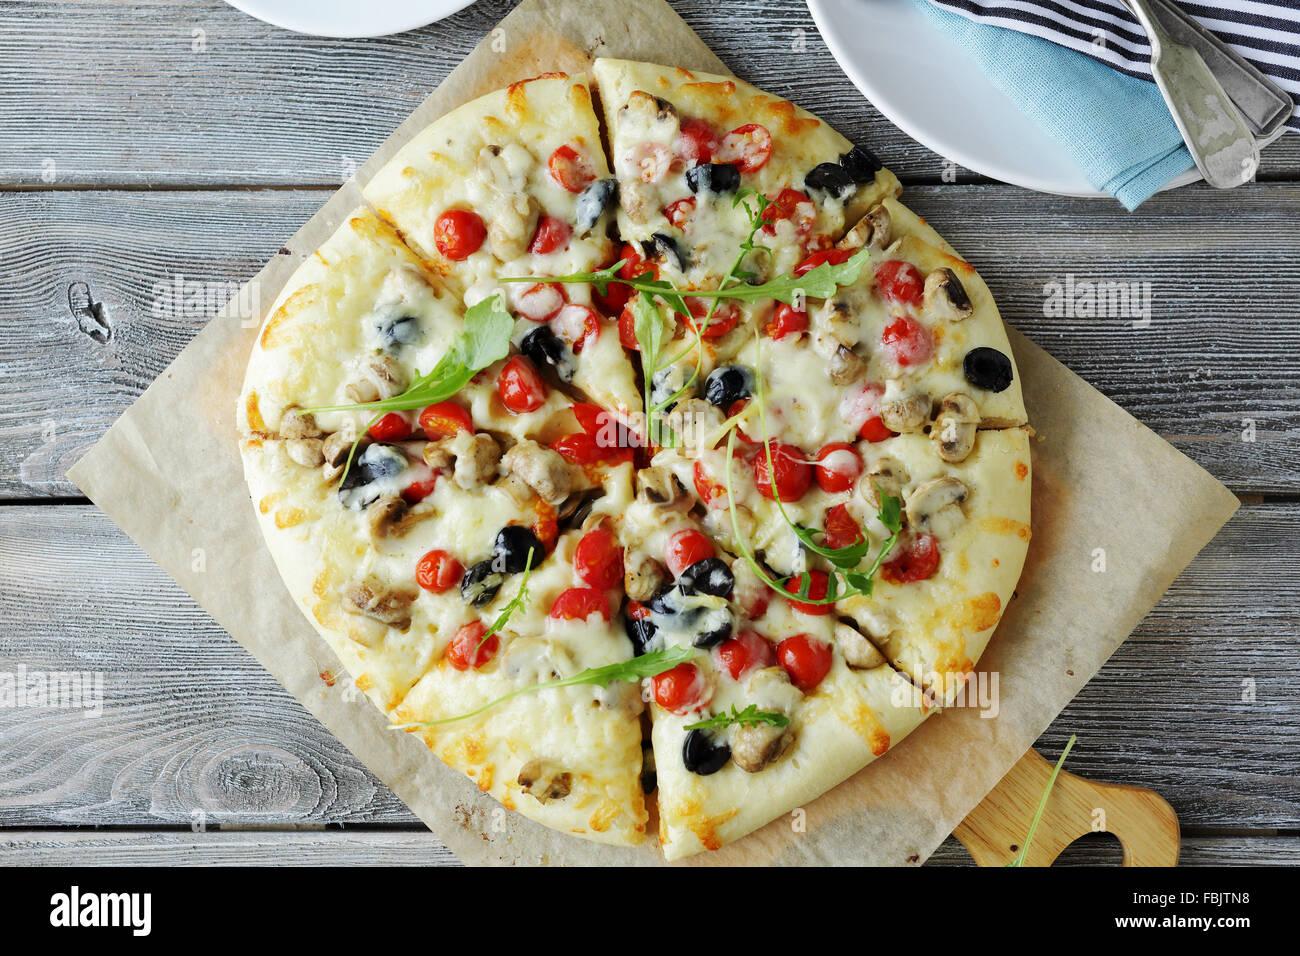 Pizza aux champignons et olives noires, restauration rapide Photo Stock